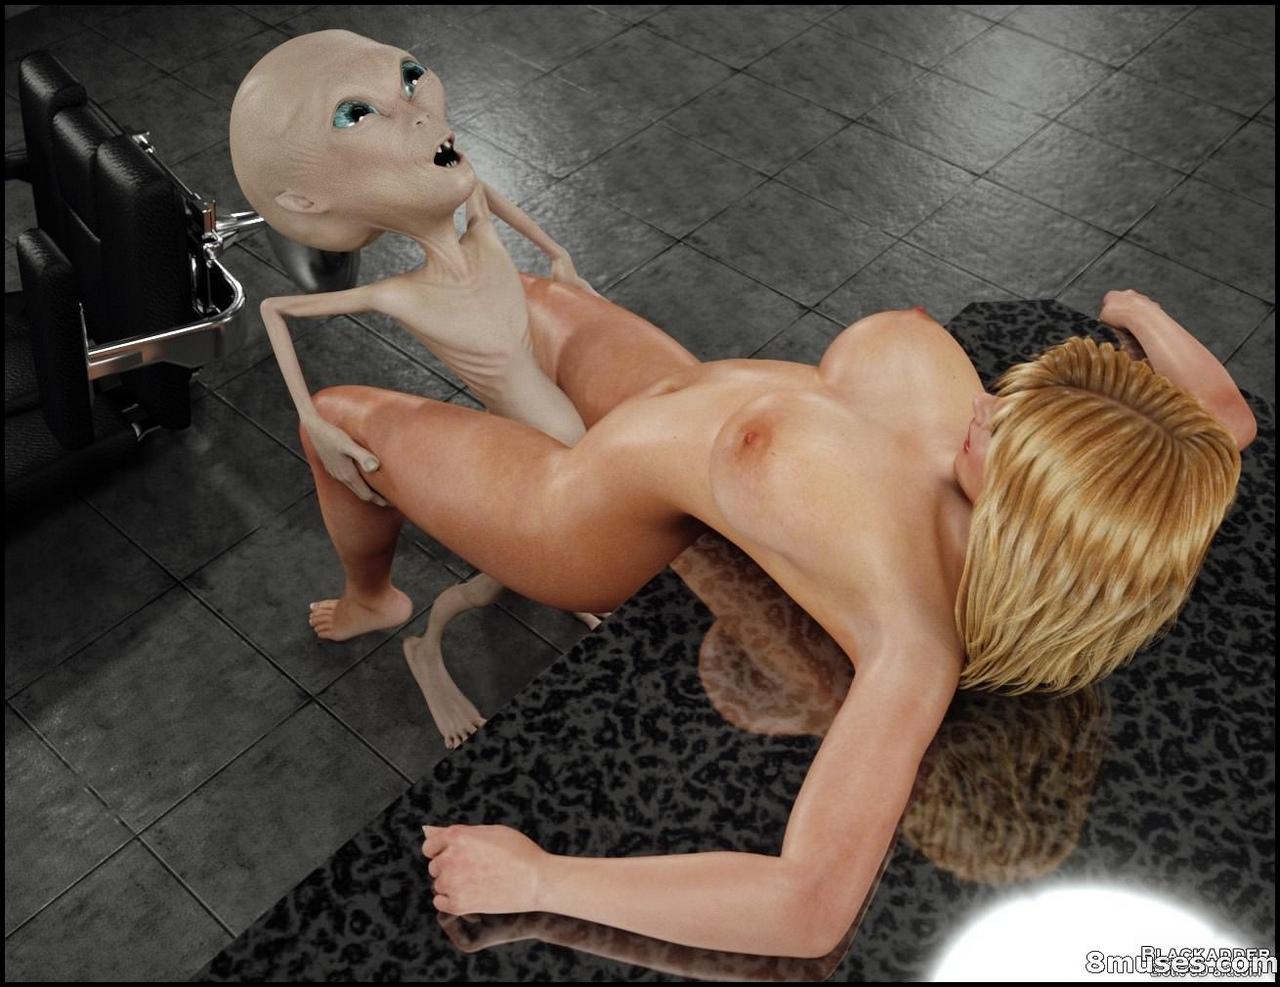 Смотреть секс люди и пришельцы, Блудливые Инопланетяне Fornicating Aliens () 11 фотография